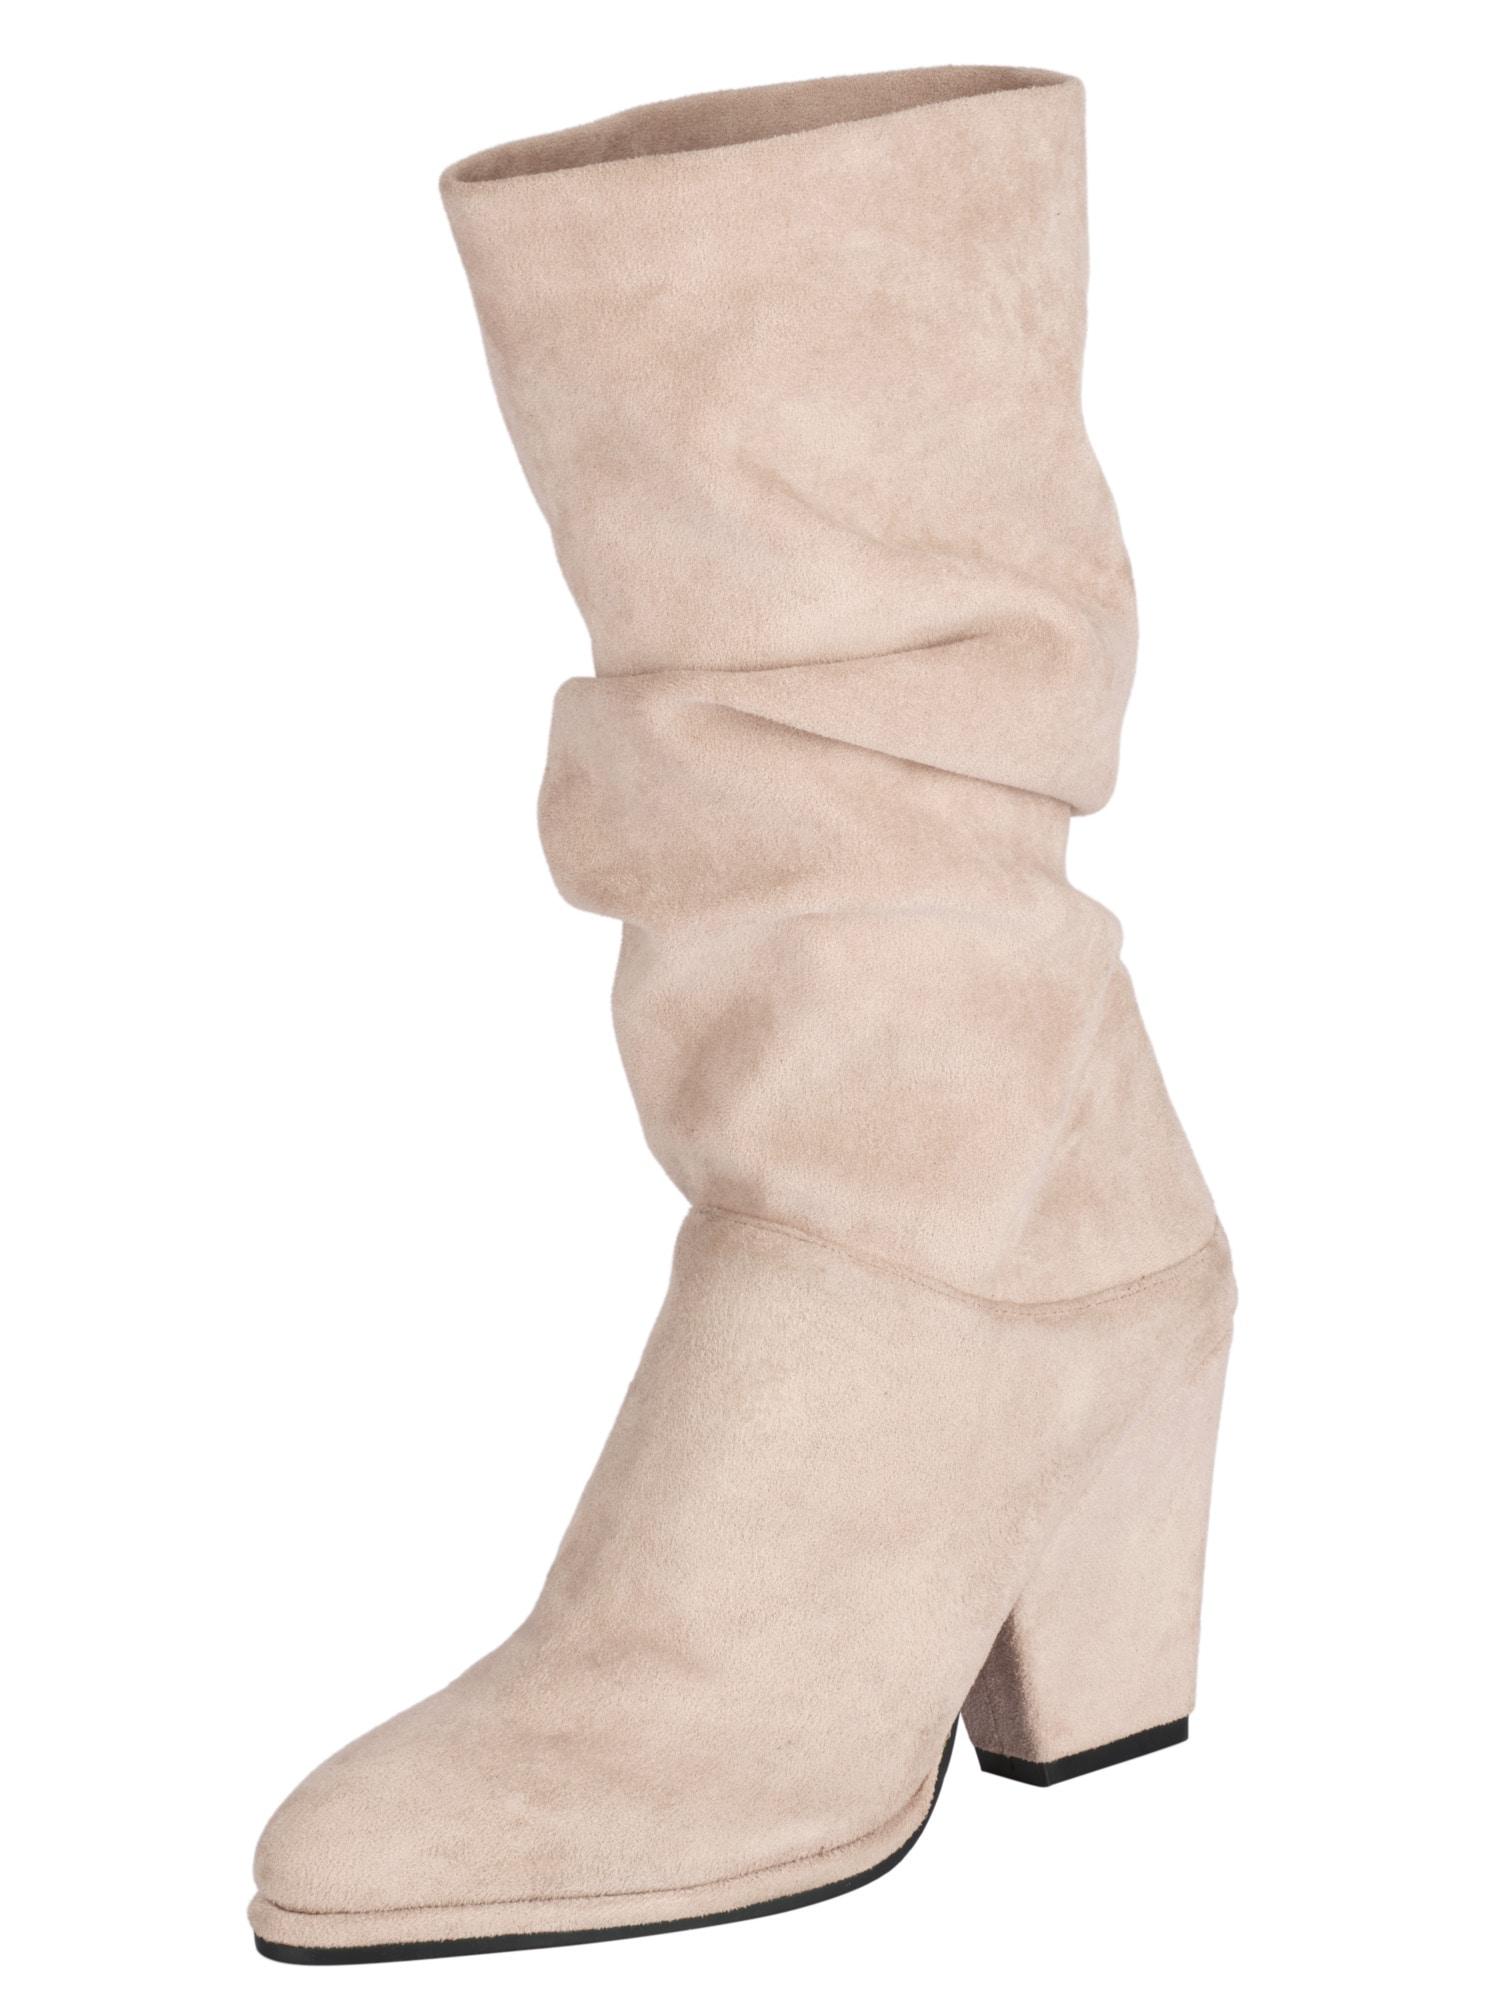 32a5a5def33095 Sonstige Stiefel für Damen online kaufen